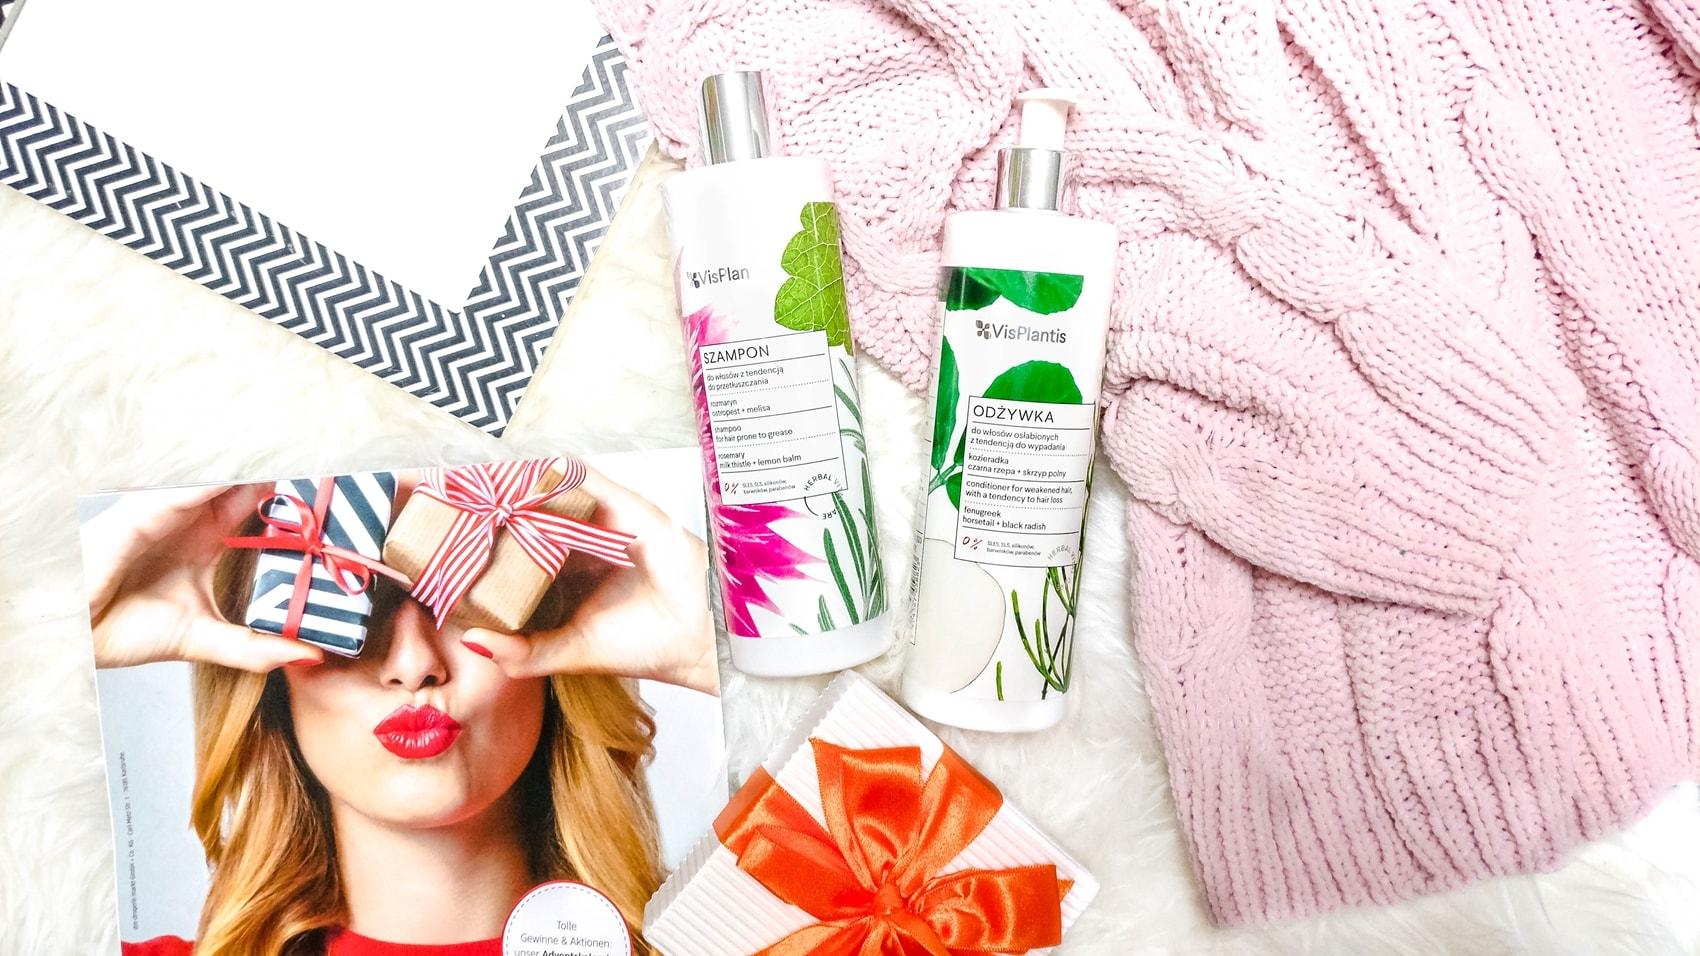 szampon-i-odzywka_vis-plantis